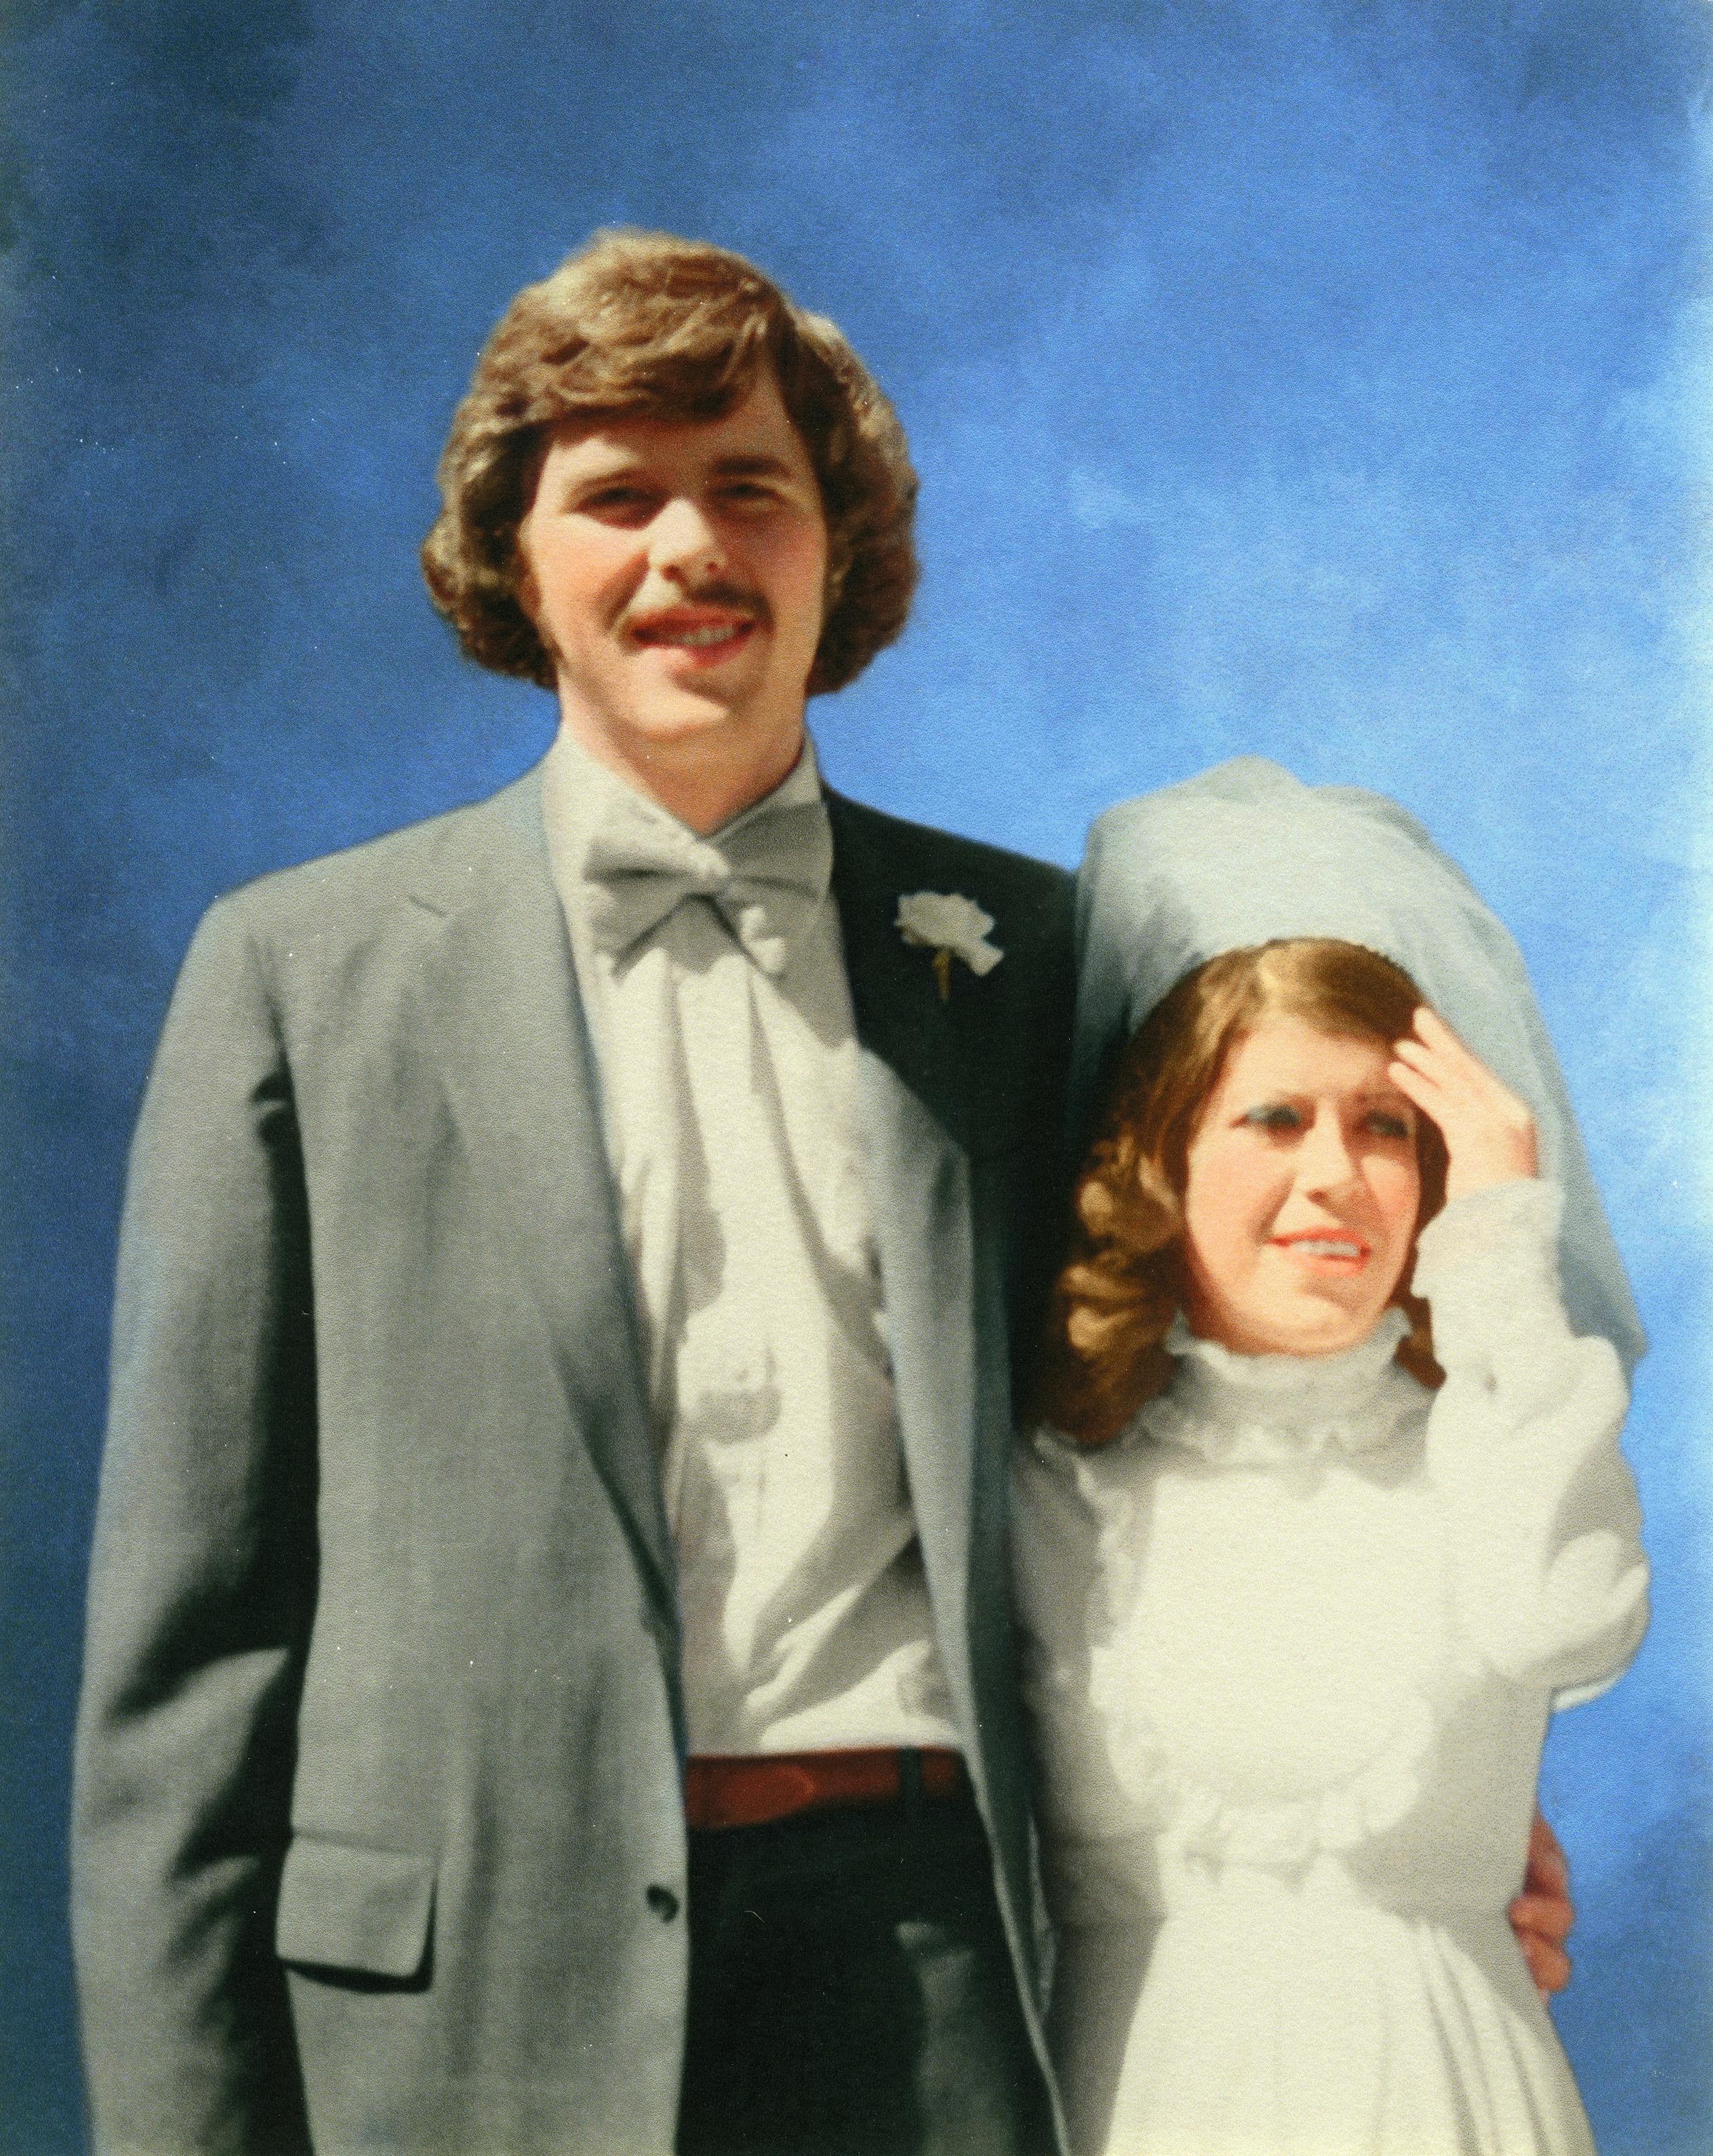 Jeb and Columba Bush on their wedding day, Feb. 23, 1974.